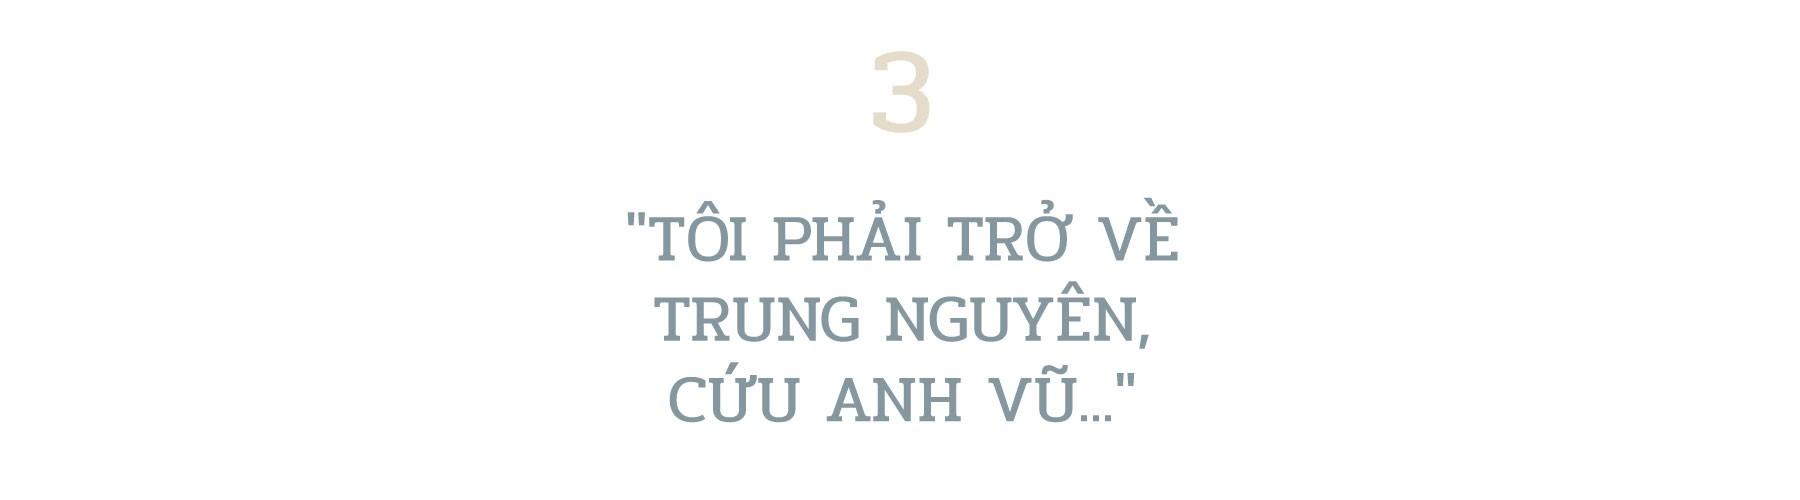 Bà Lê Hoàng Diệp Thảo: Trung Nguyên là nhà, tôi phải trở về - Ảnh 12.